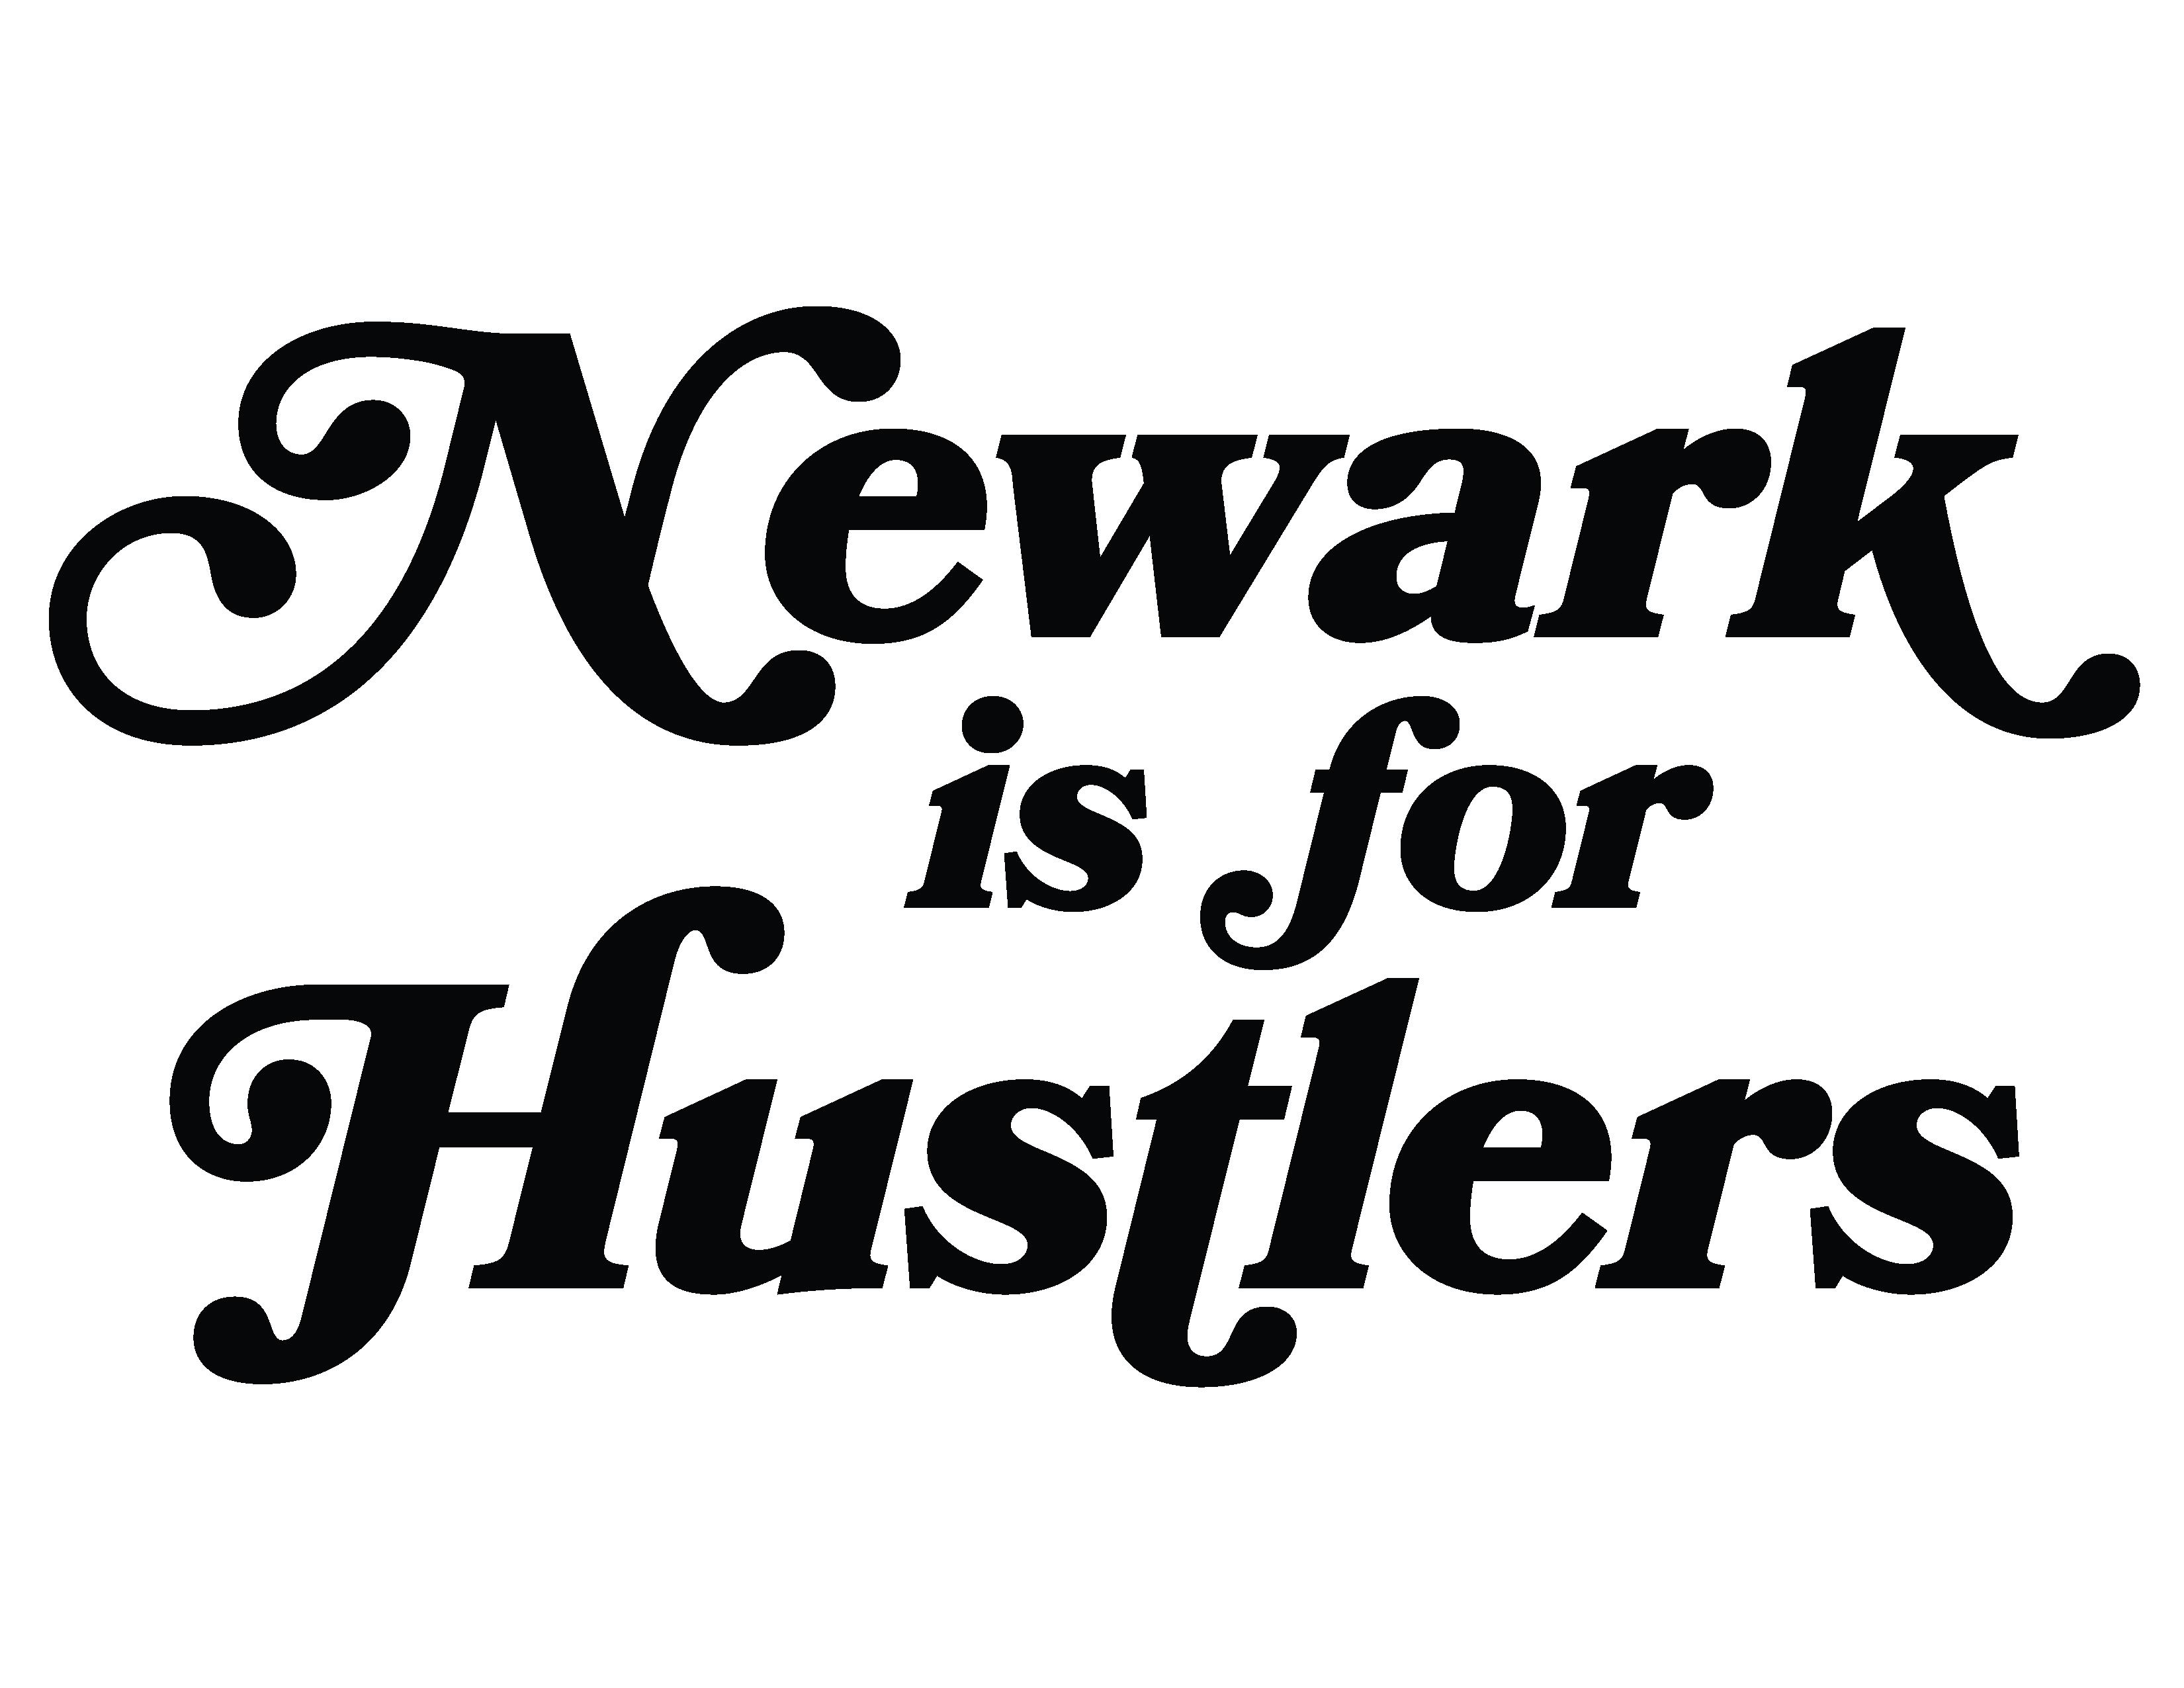 Newark is for hustlers